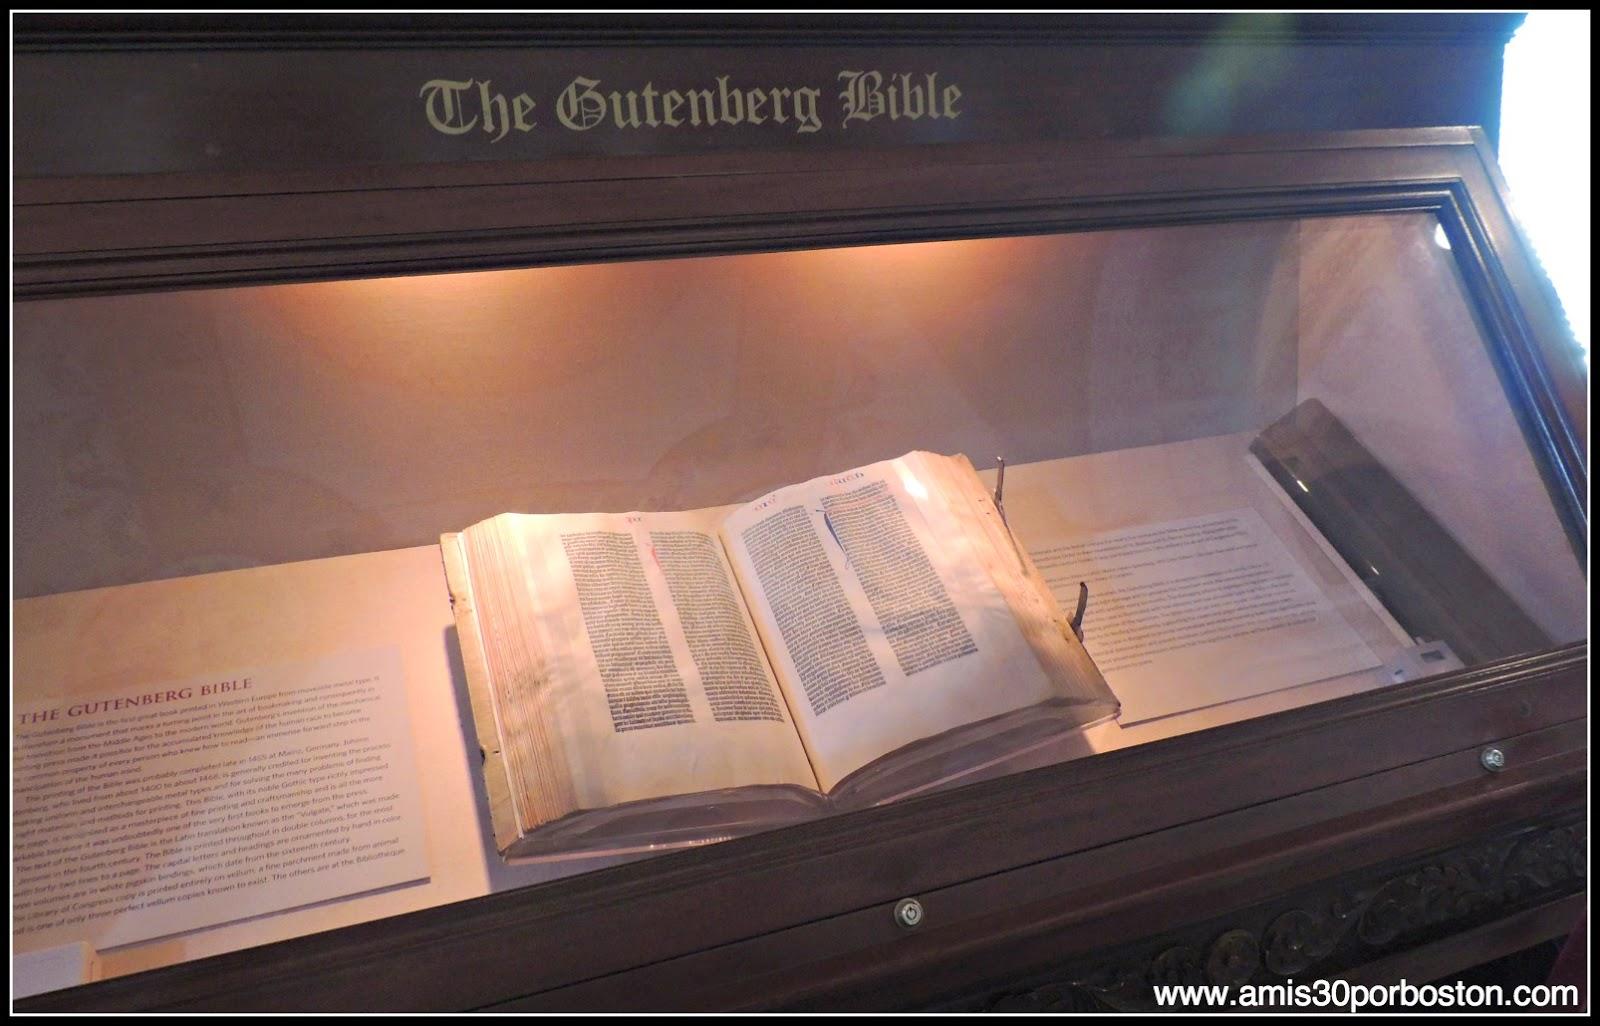 Biblioteca del Congreso de Estados Unidos. Edificio Thomas Jefferson: Biblia de Gutenberg